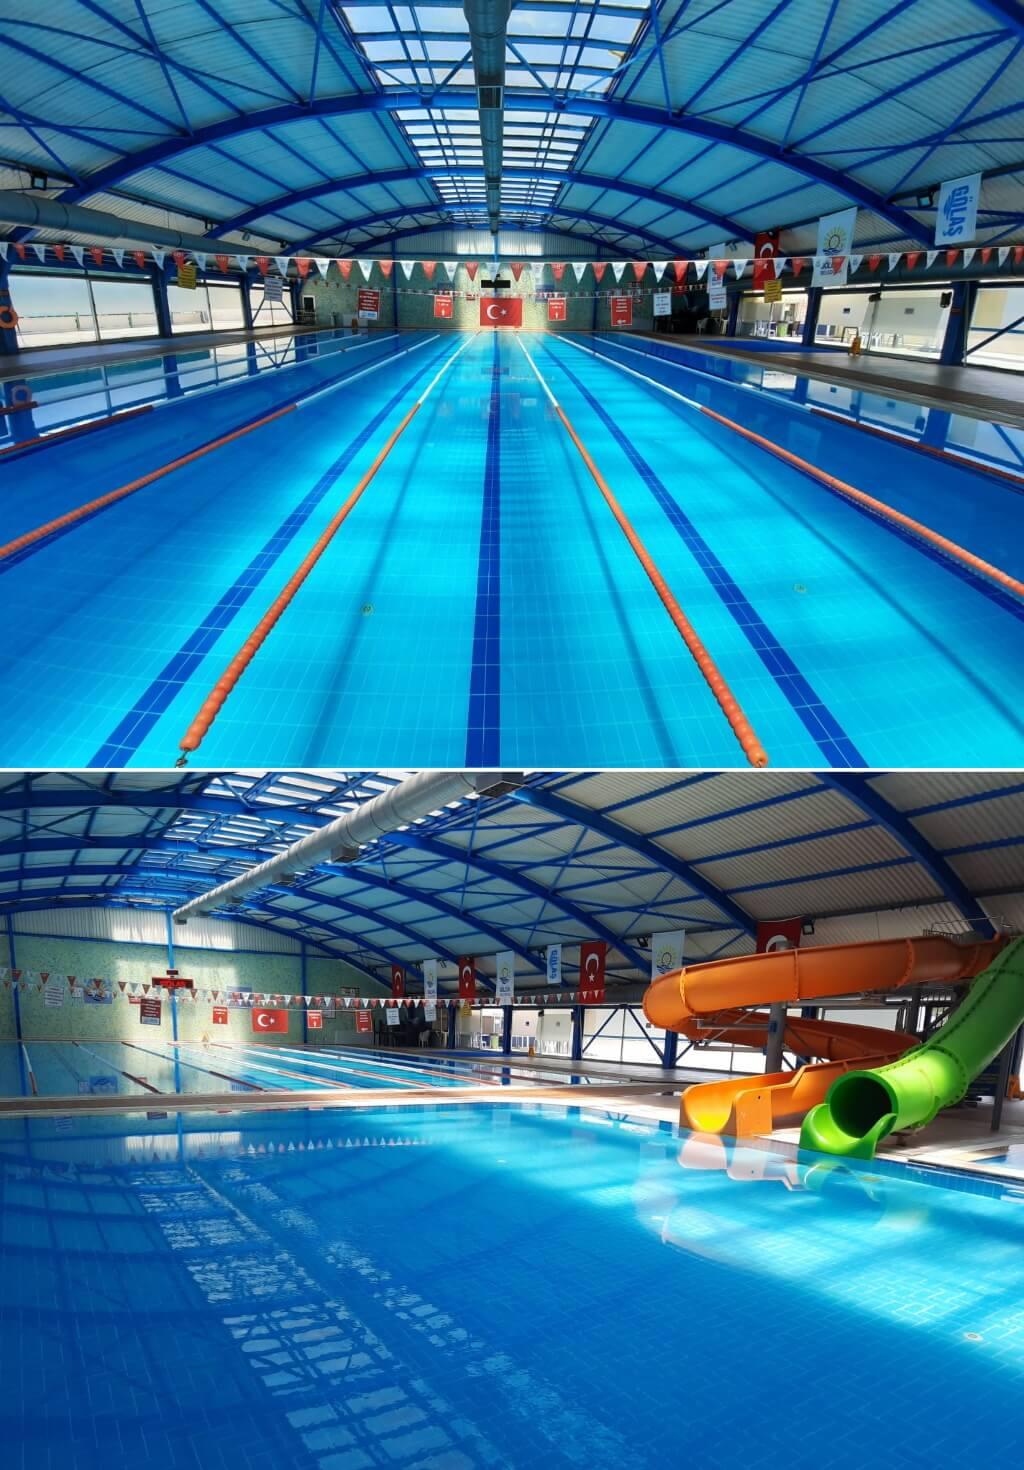 Kocaeli Gölcük Belediyesi Aquapark ve Kapalı Yüzme Havuzu